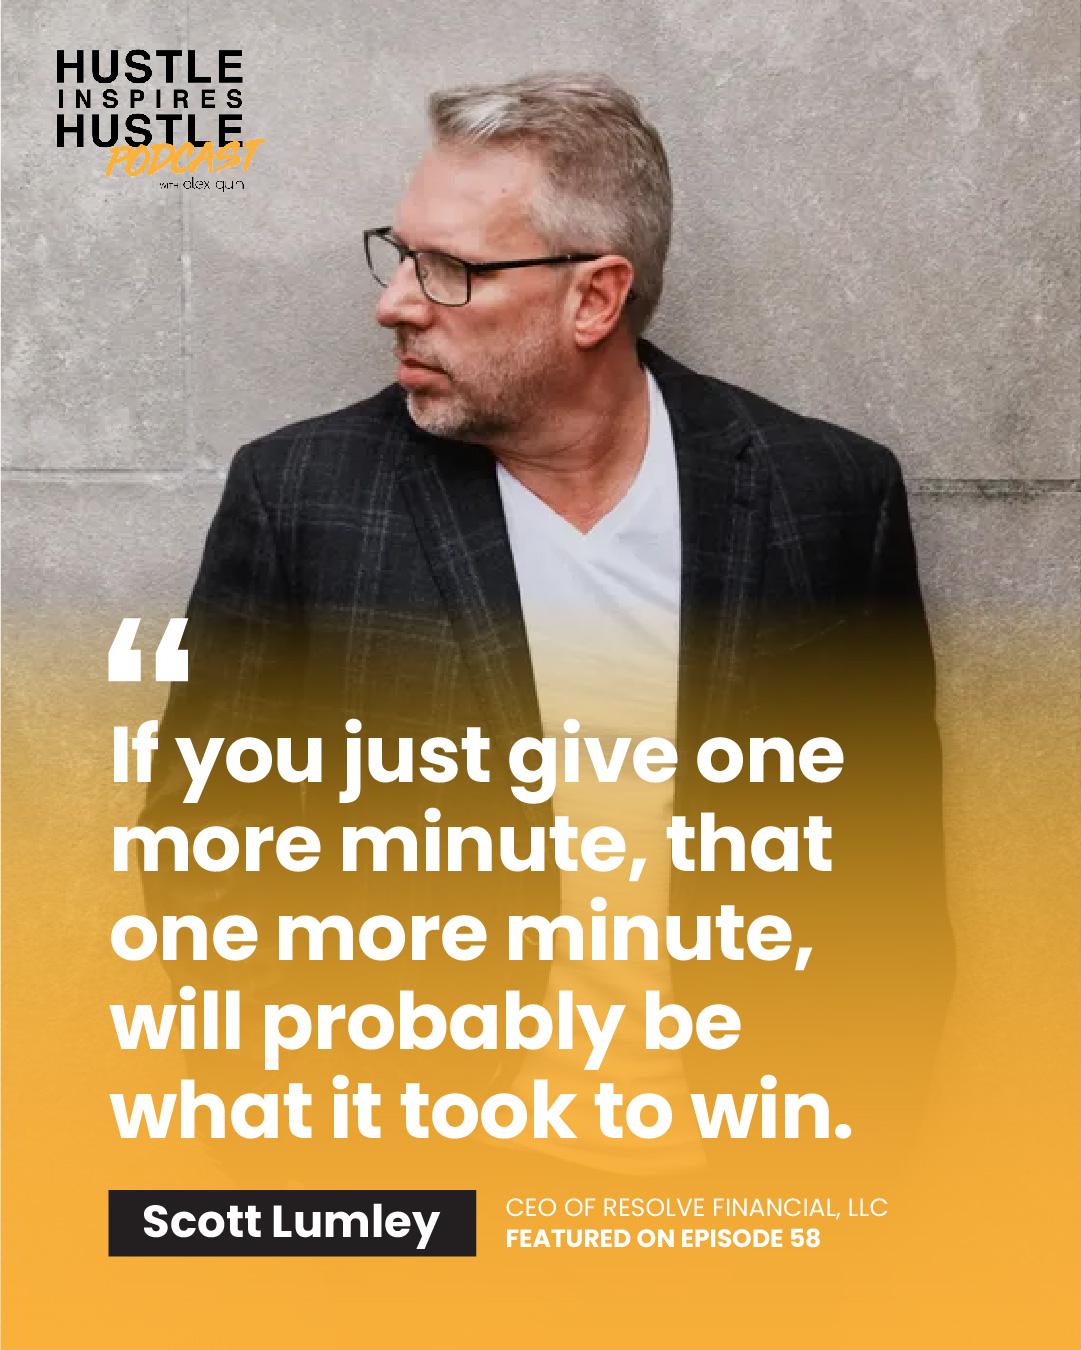 Scott Lumley Hustle Inspires Hustle Podcast